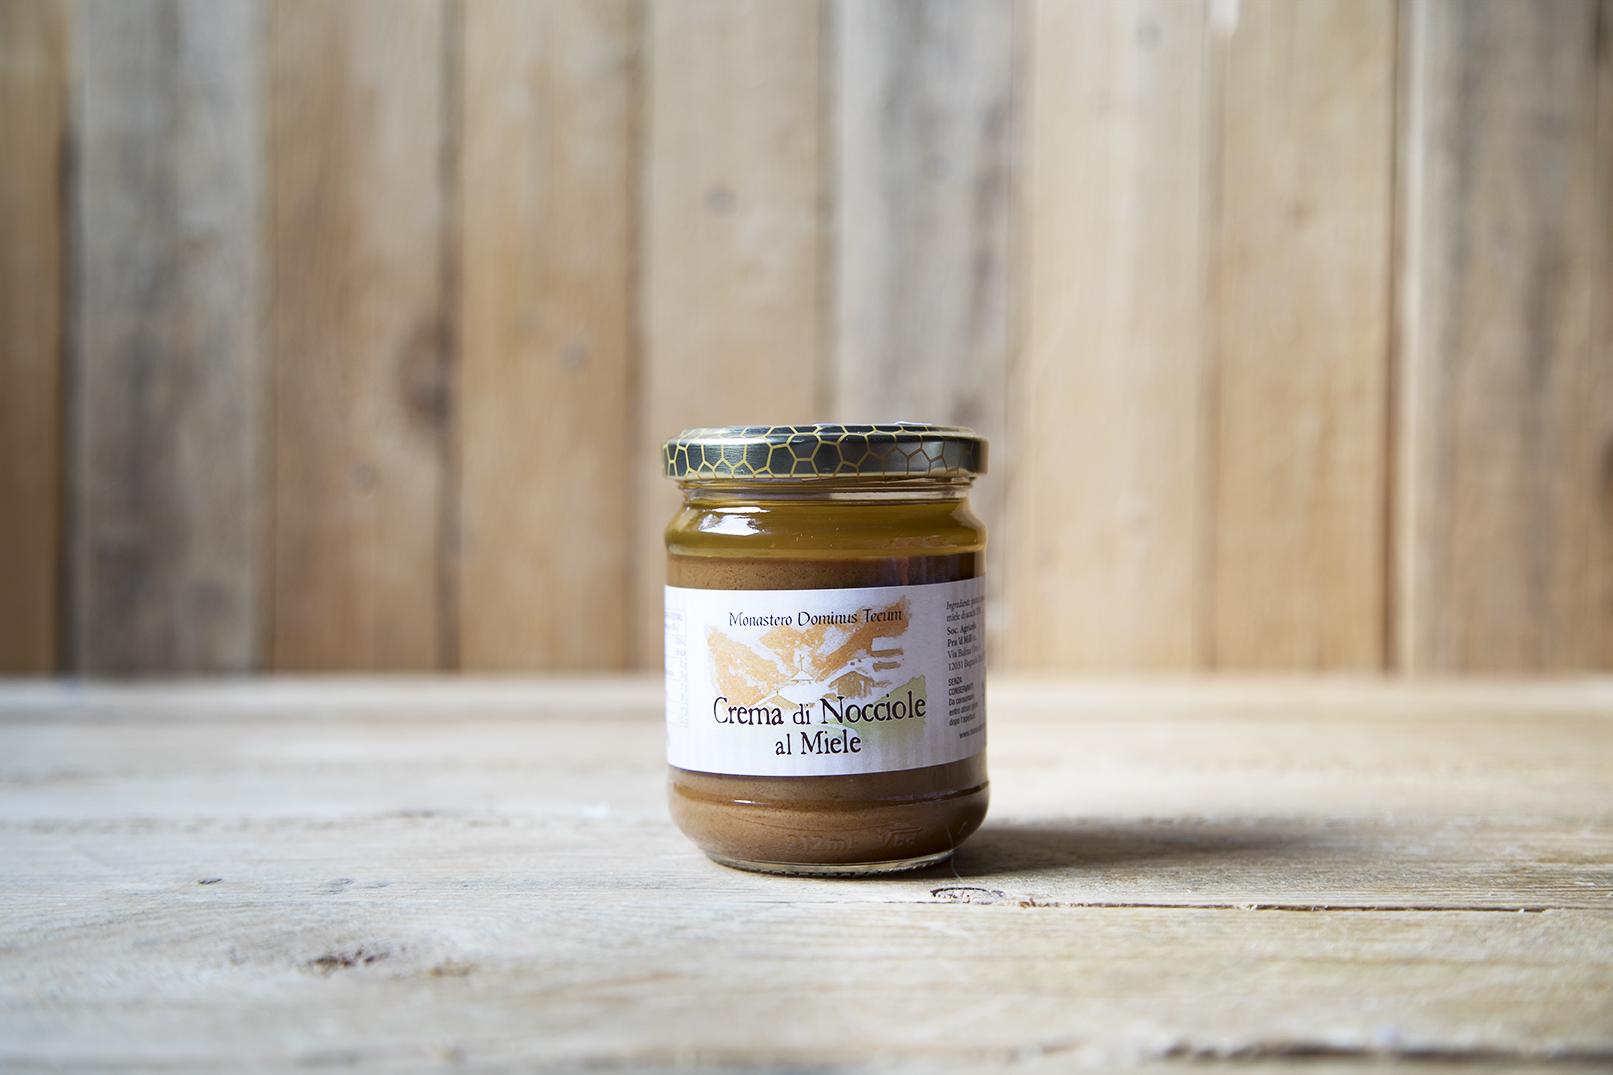 Crema di nocciole al miele